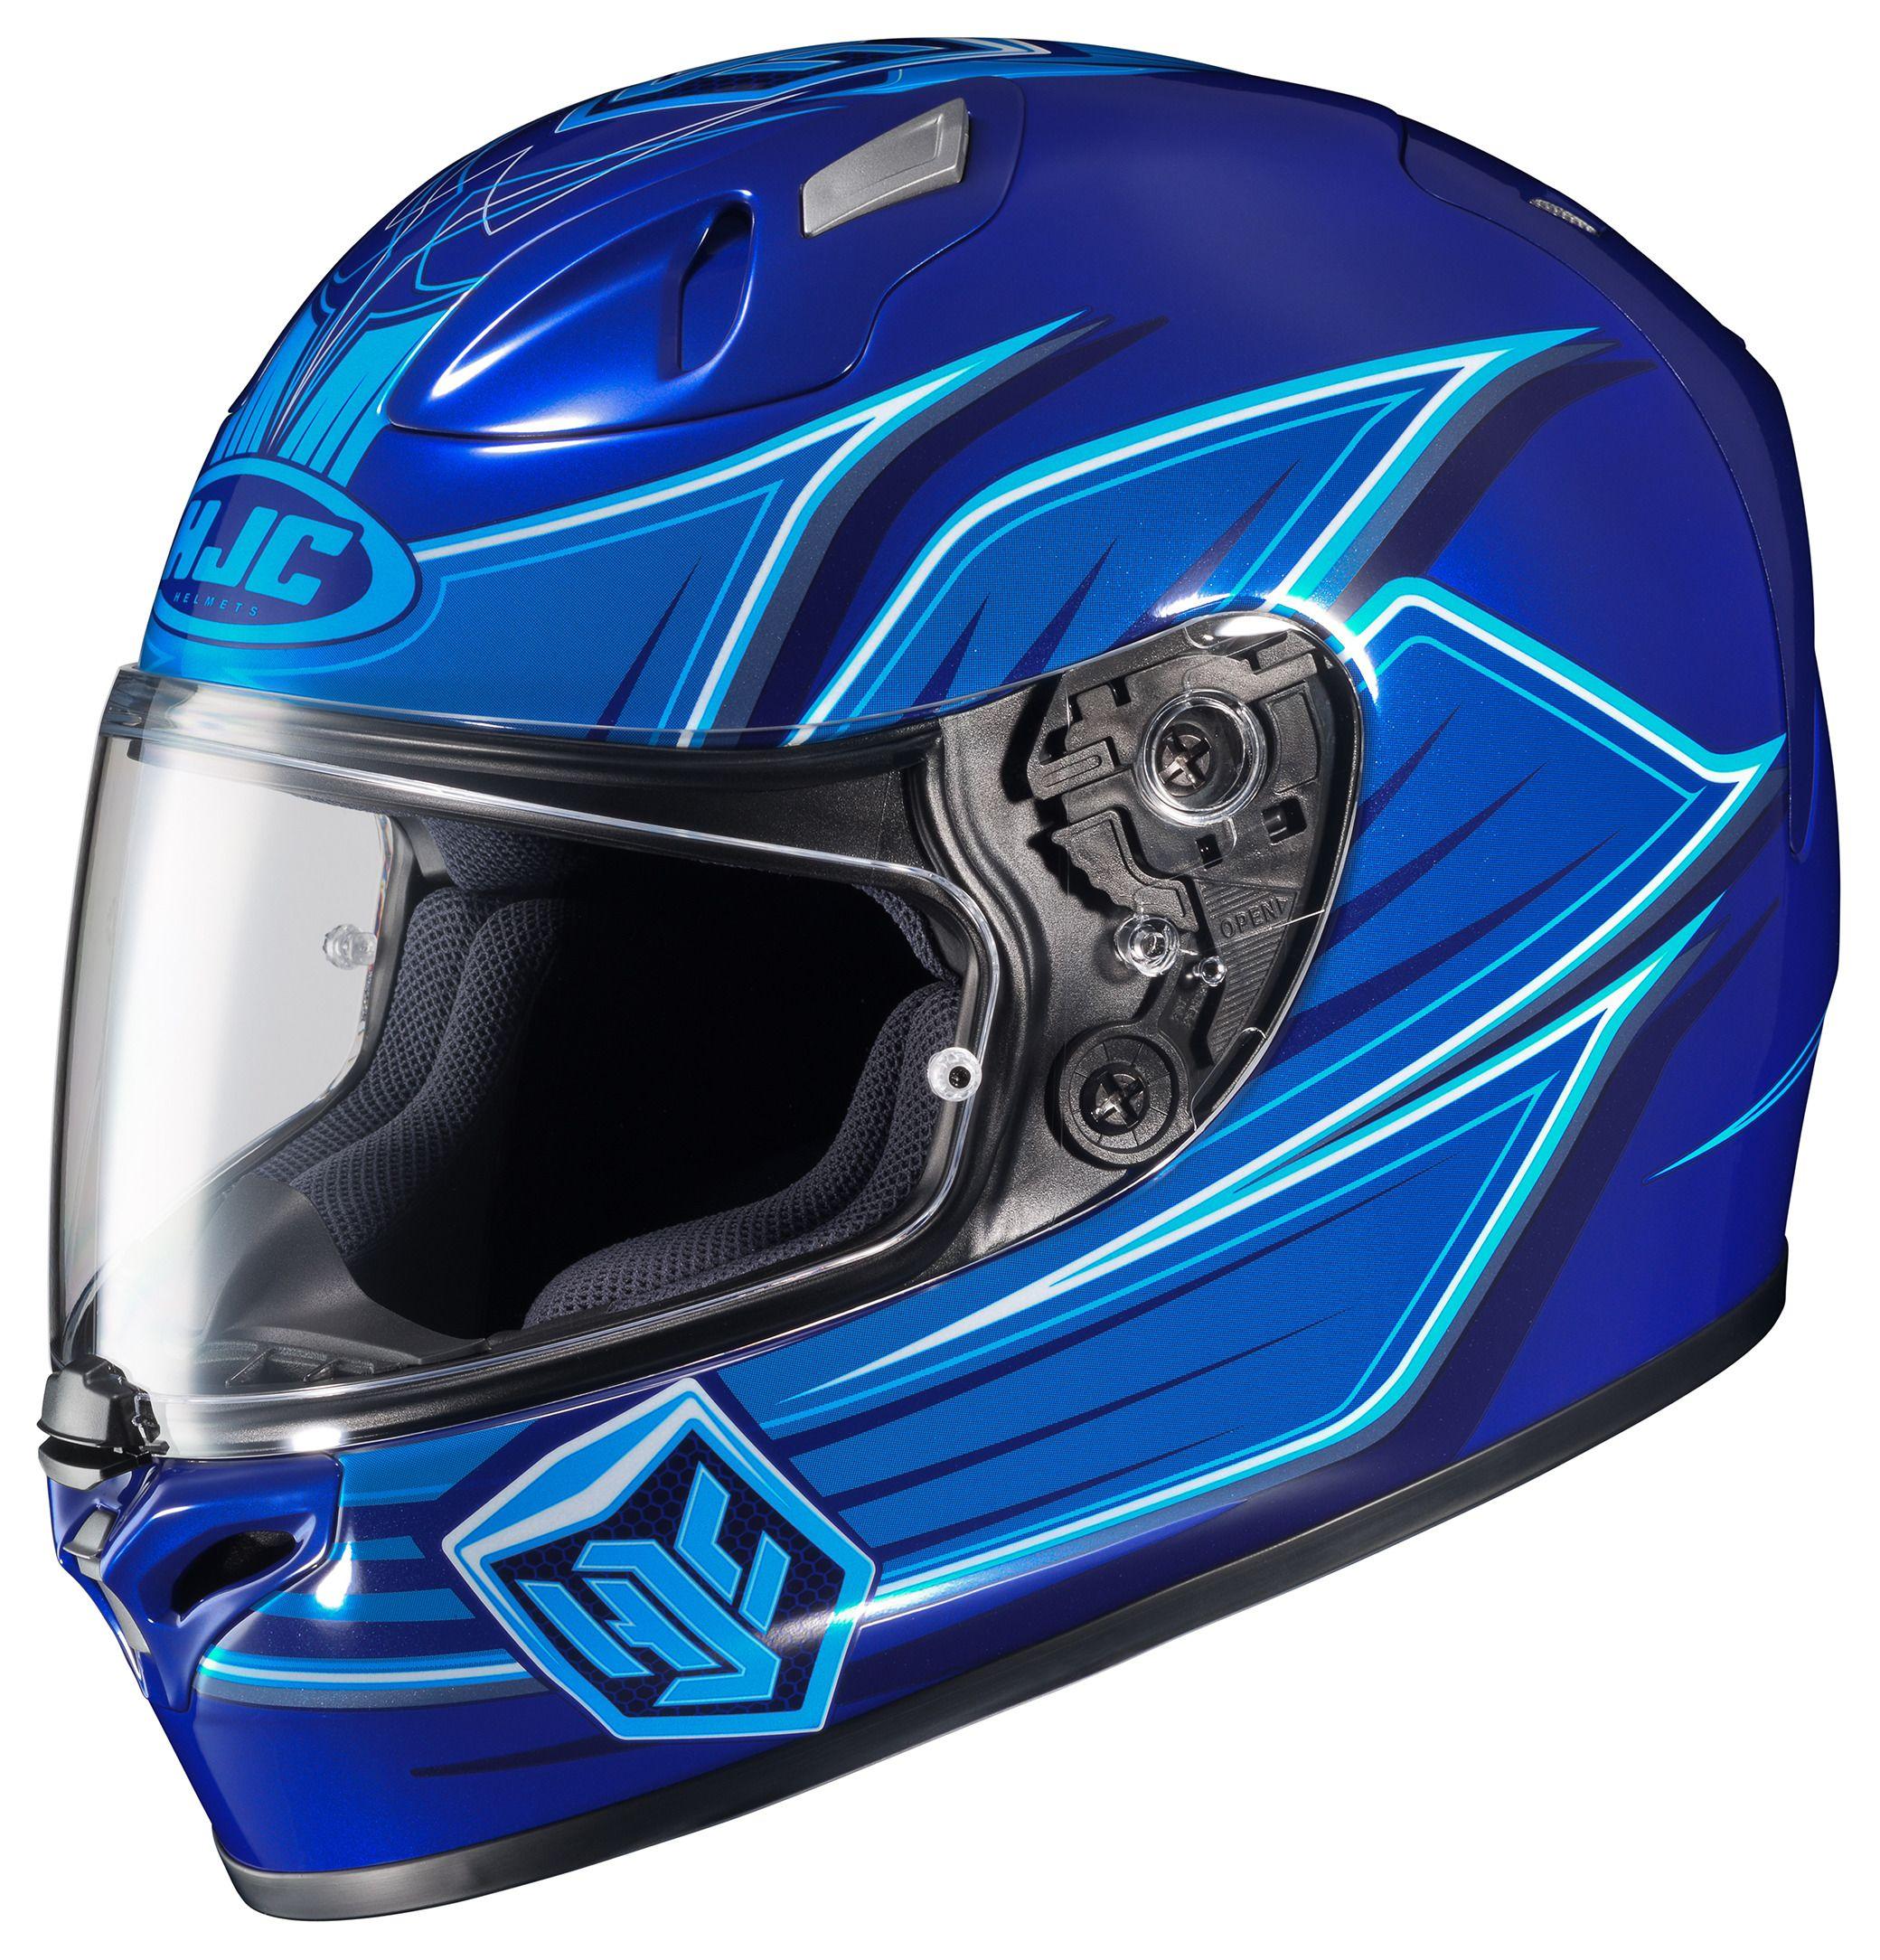 Hjc Fg 17 >> HJC FG-17 Banshee Helmet - RevZilla